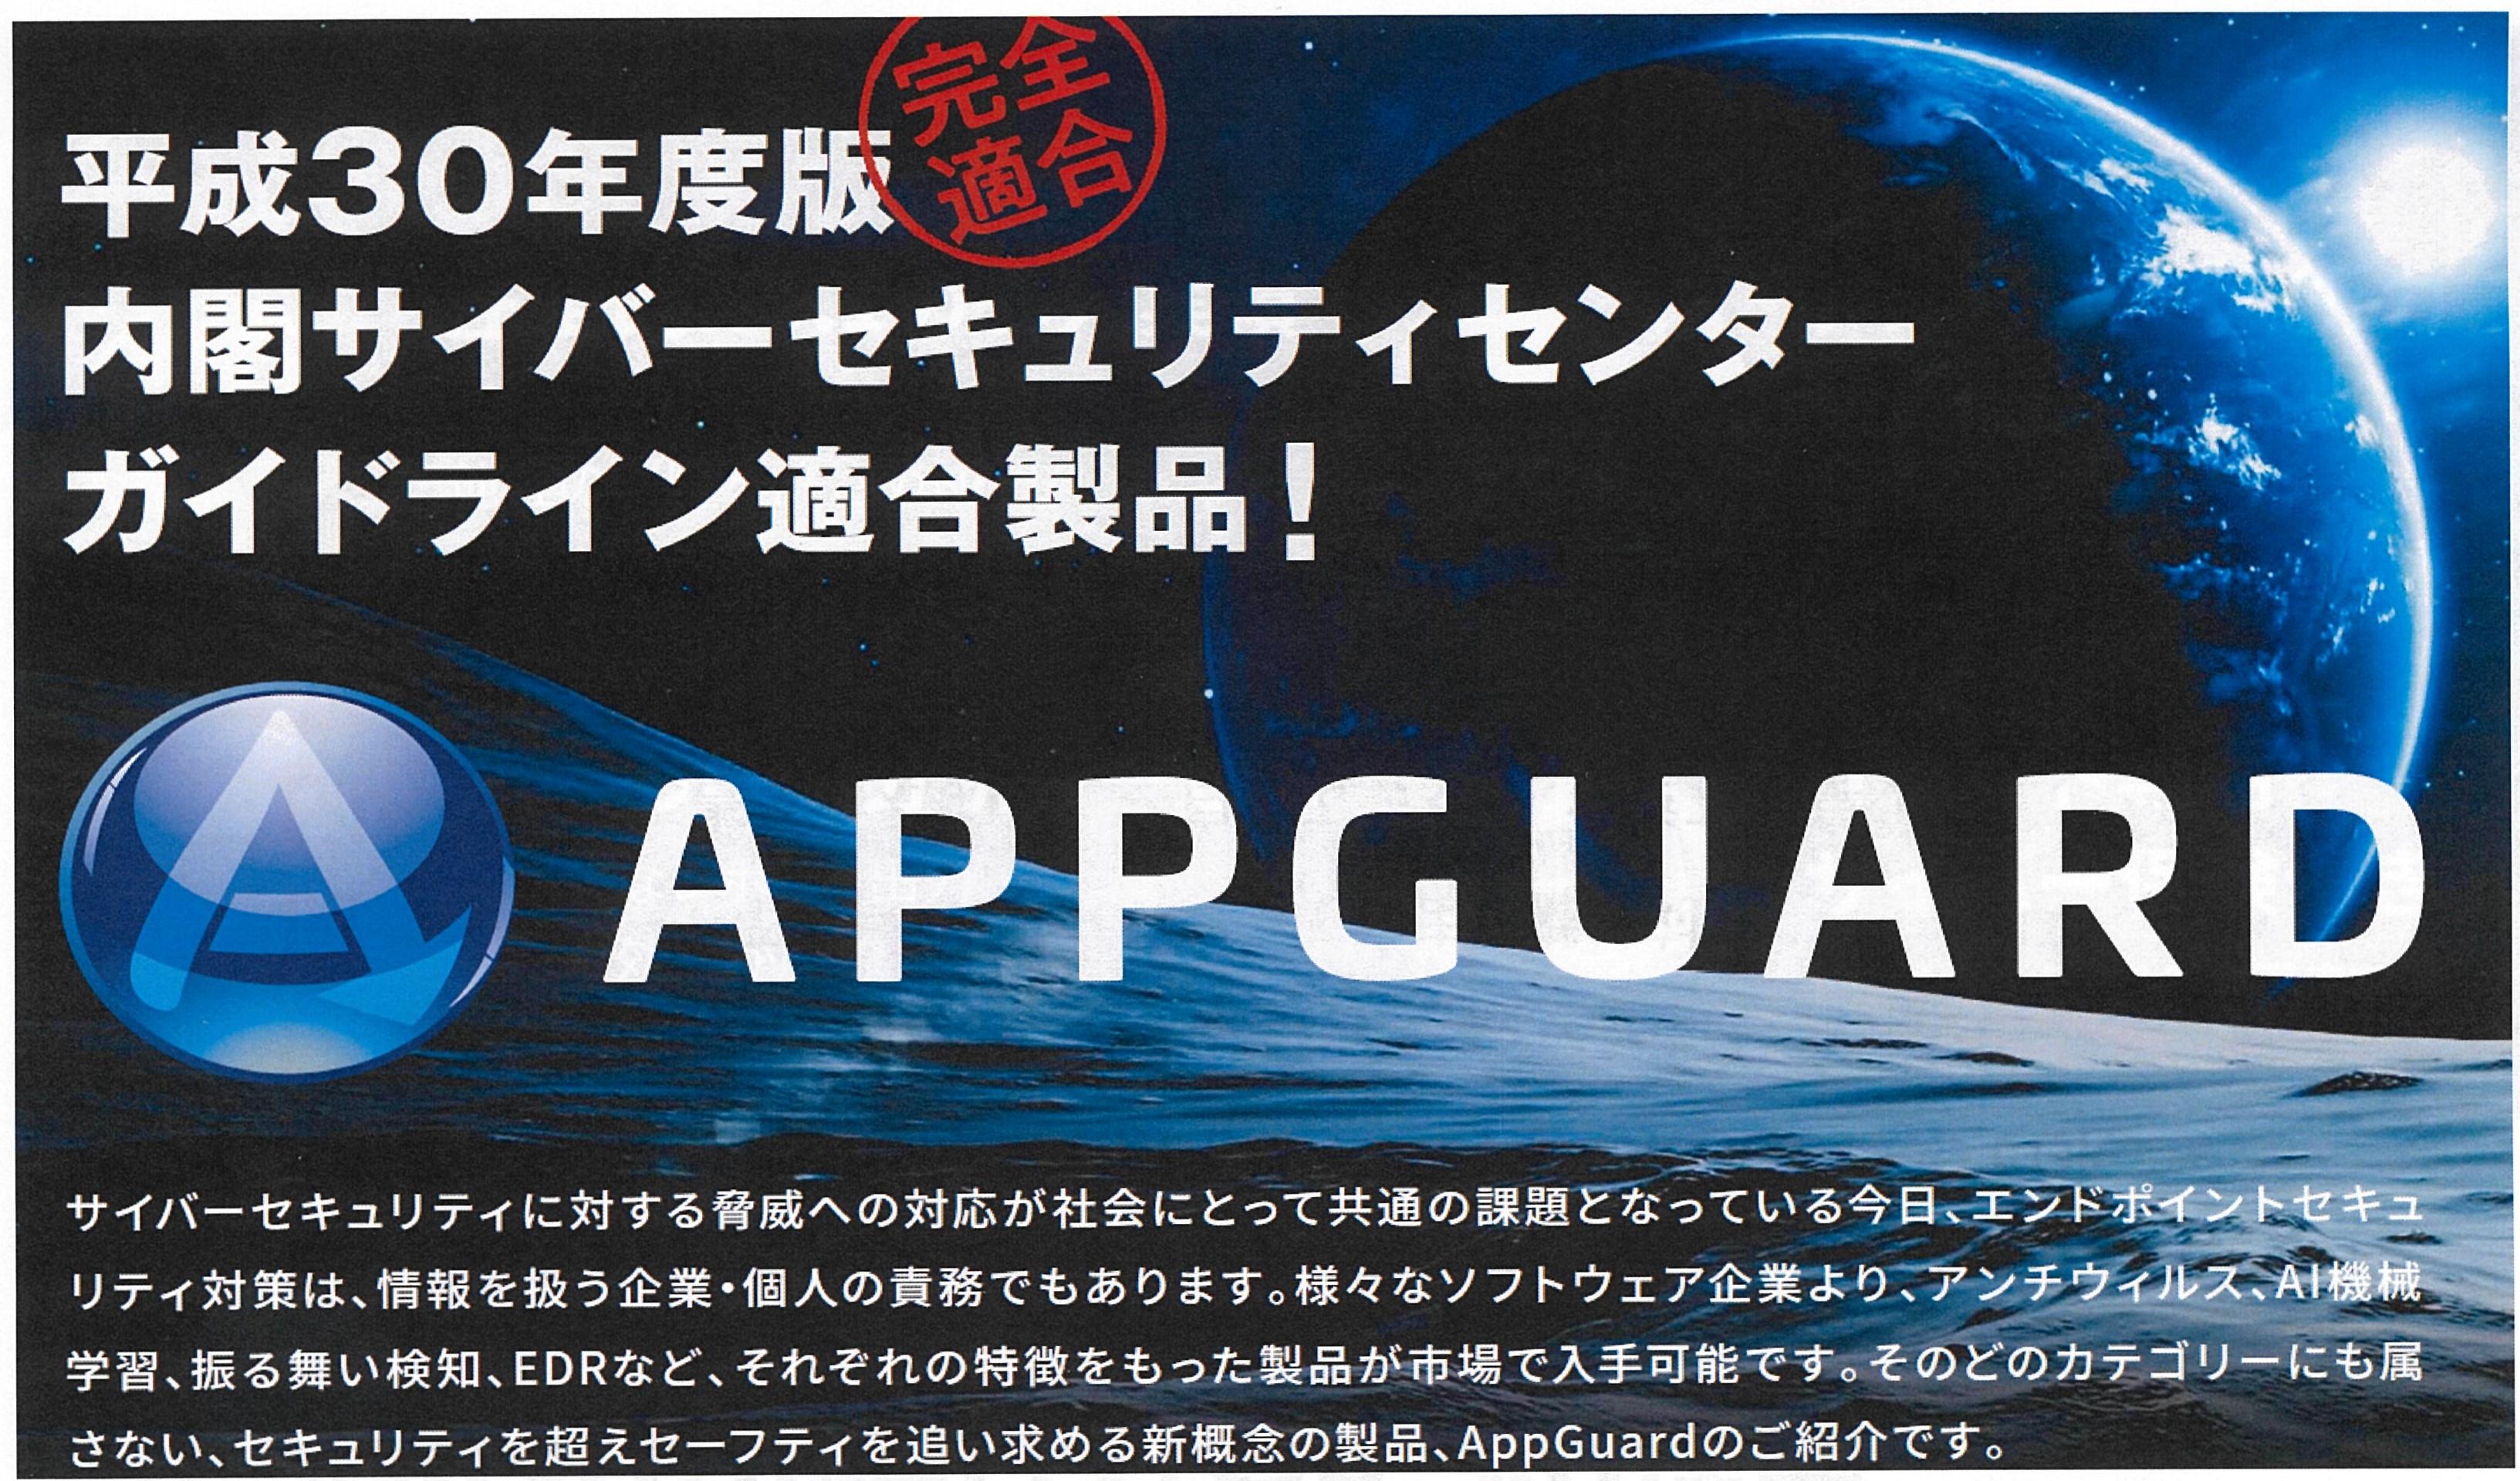 appguard-01